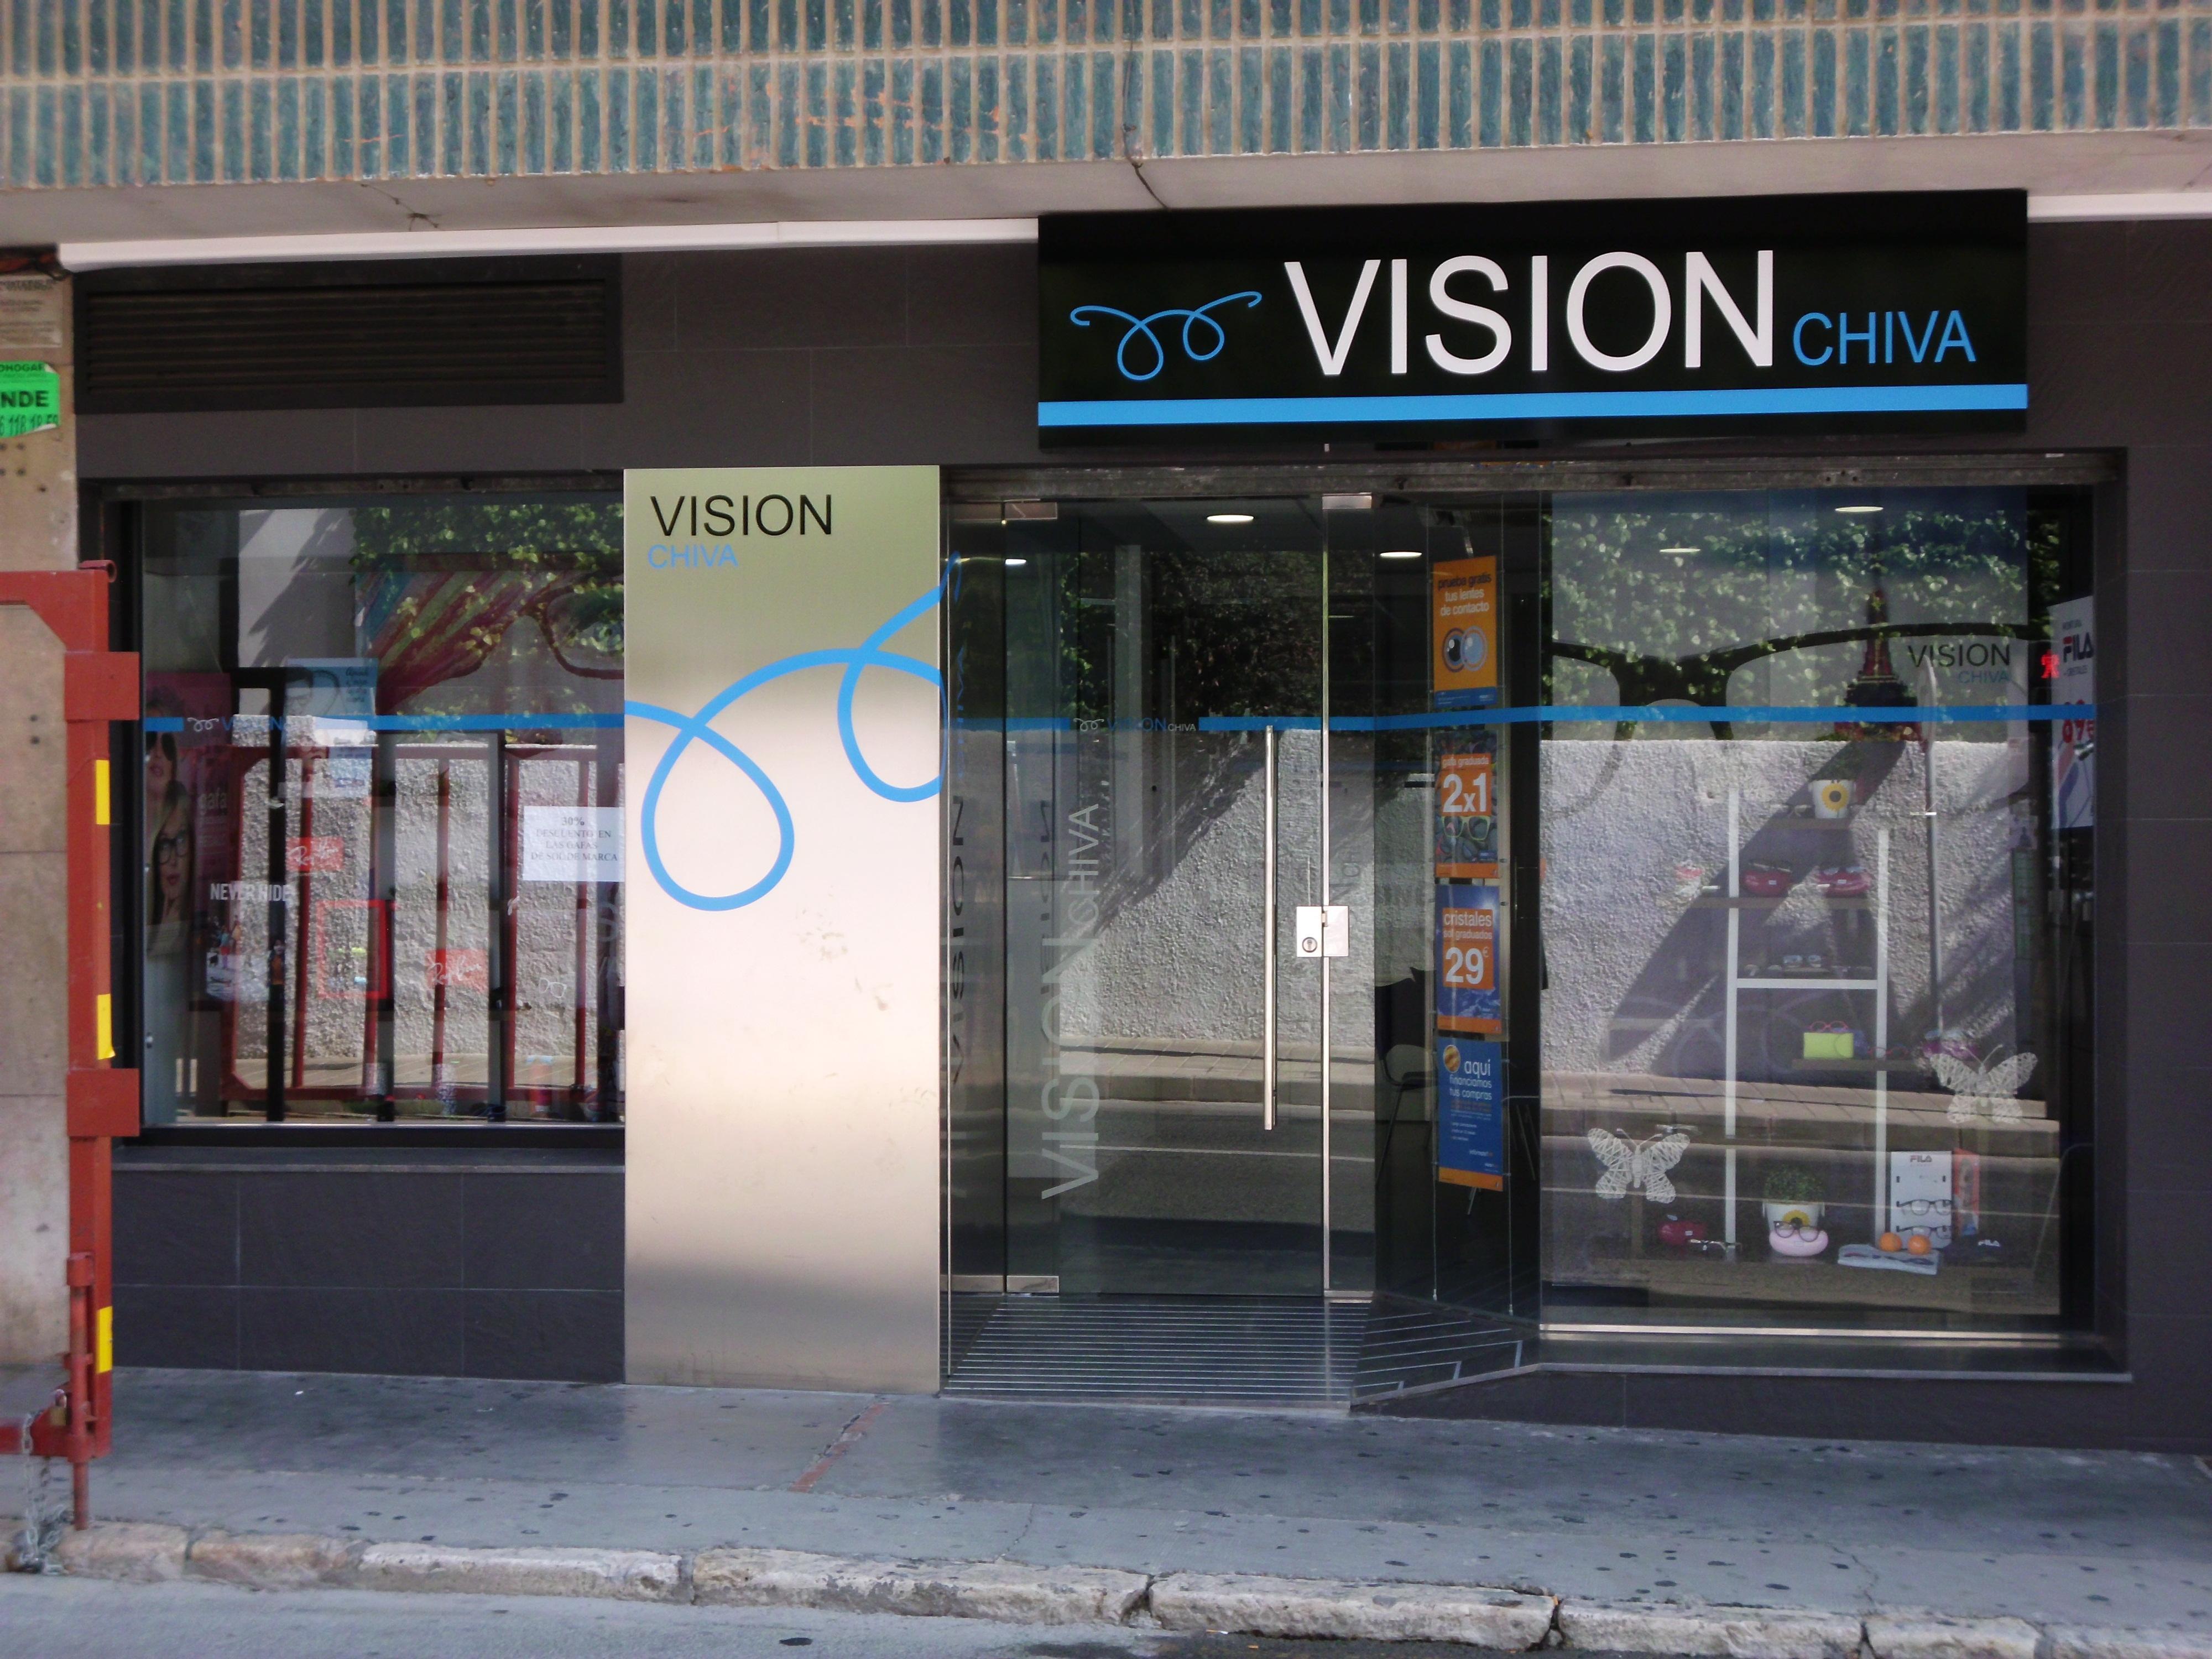 OPTICA + VISION CHIVA